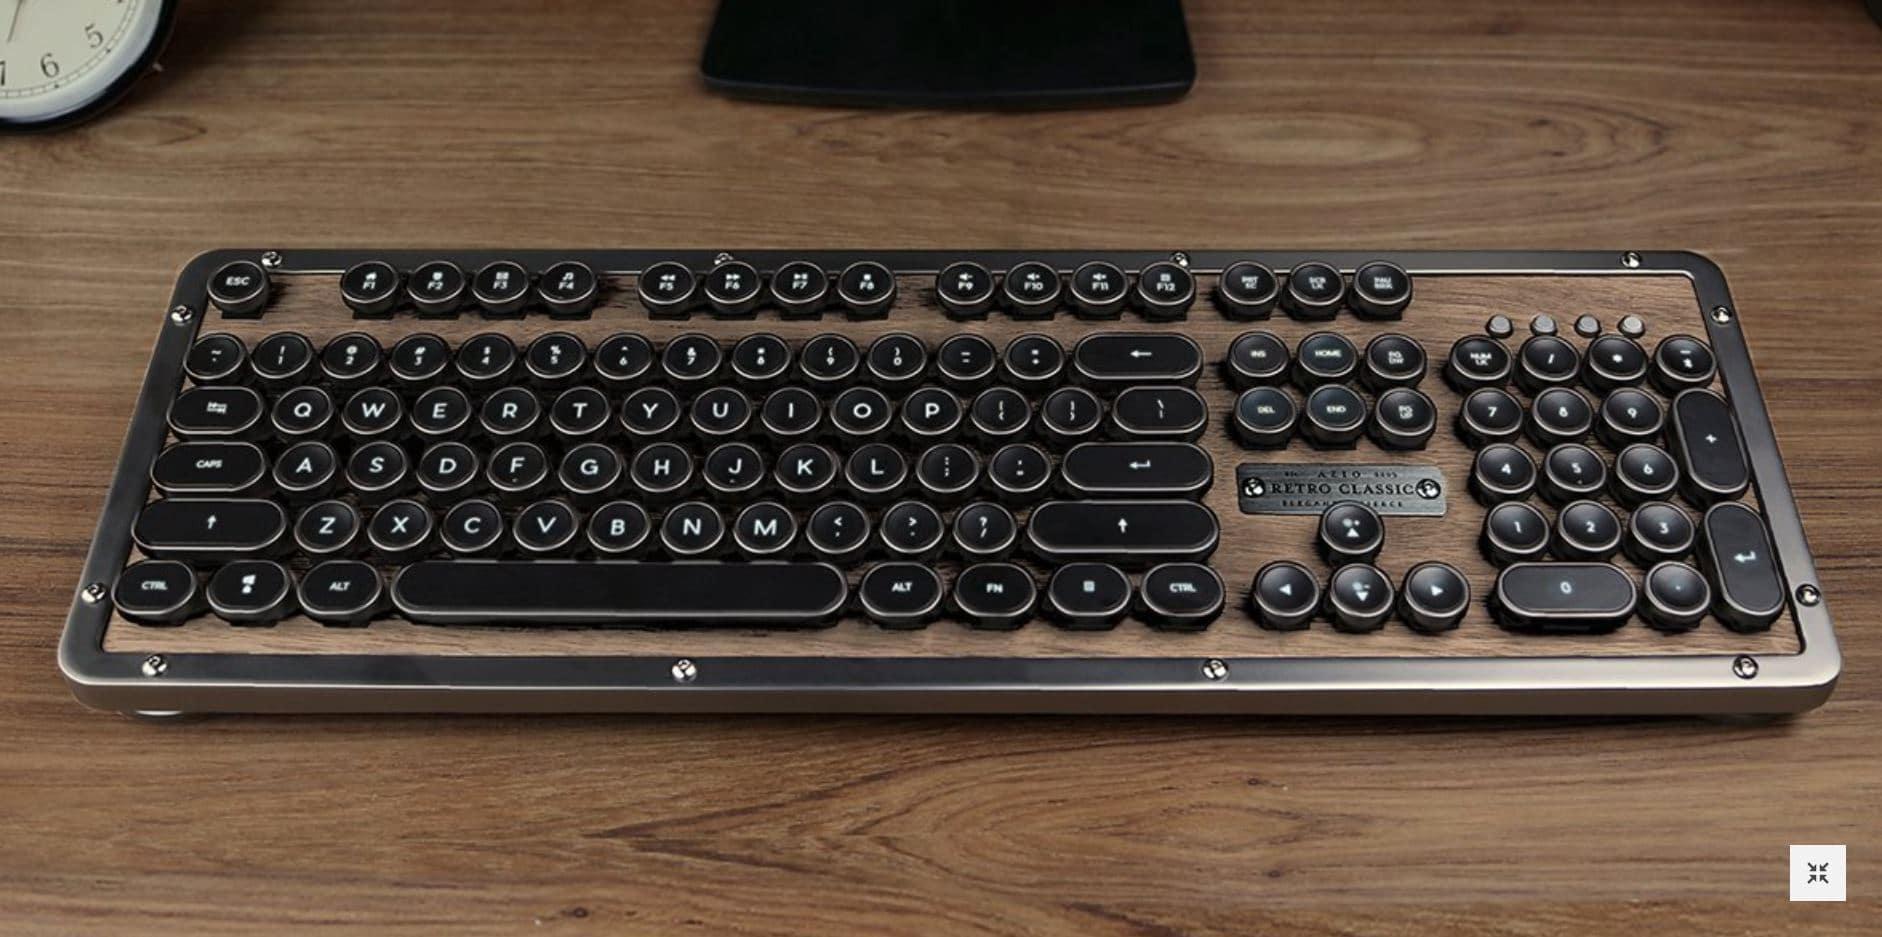 Azio Präsentiert Auf Ifa Edle Retro Classic Tastatur Playstation Info